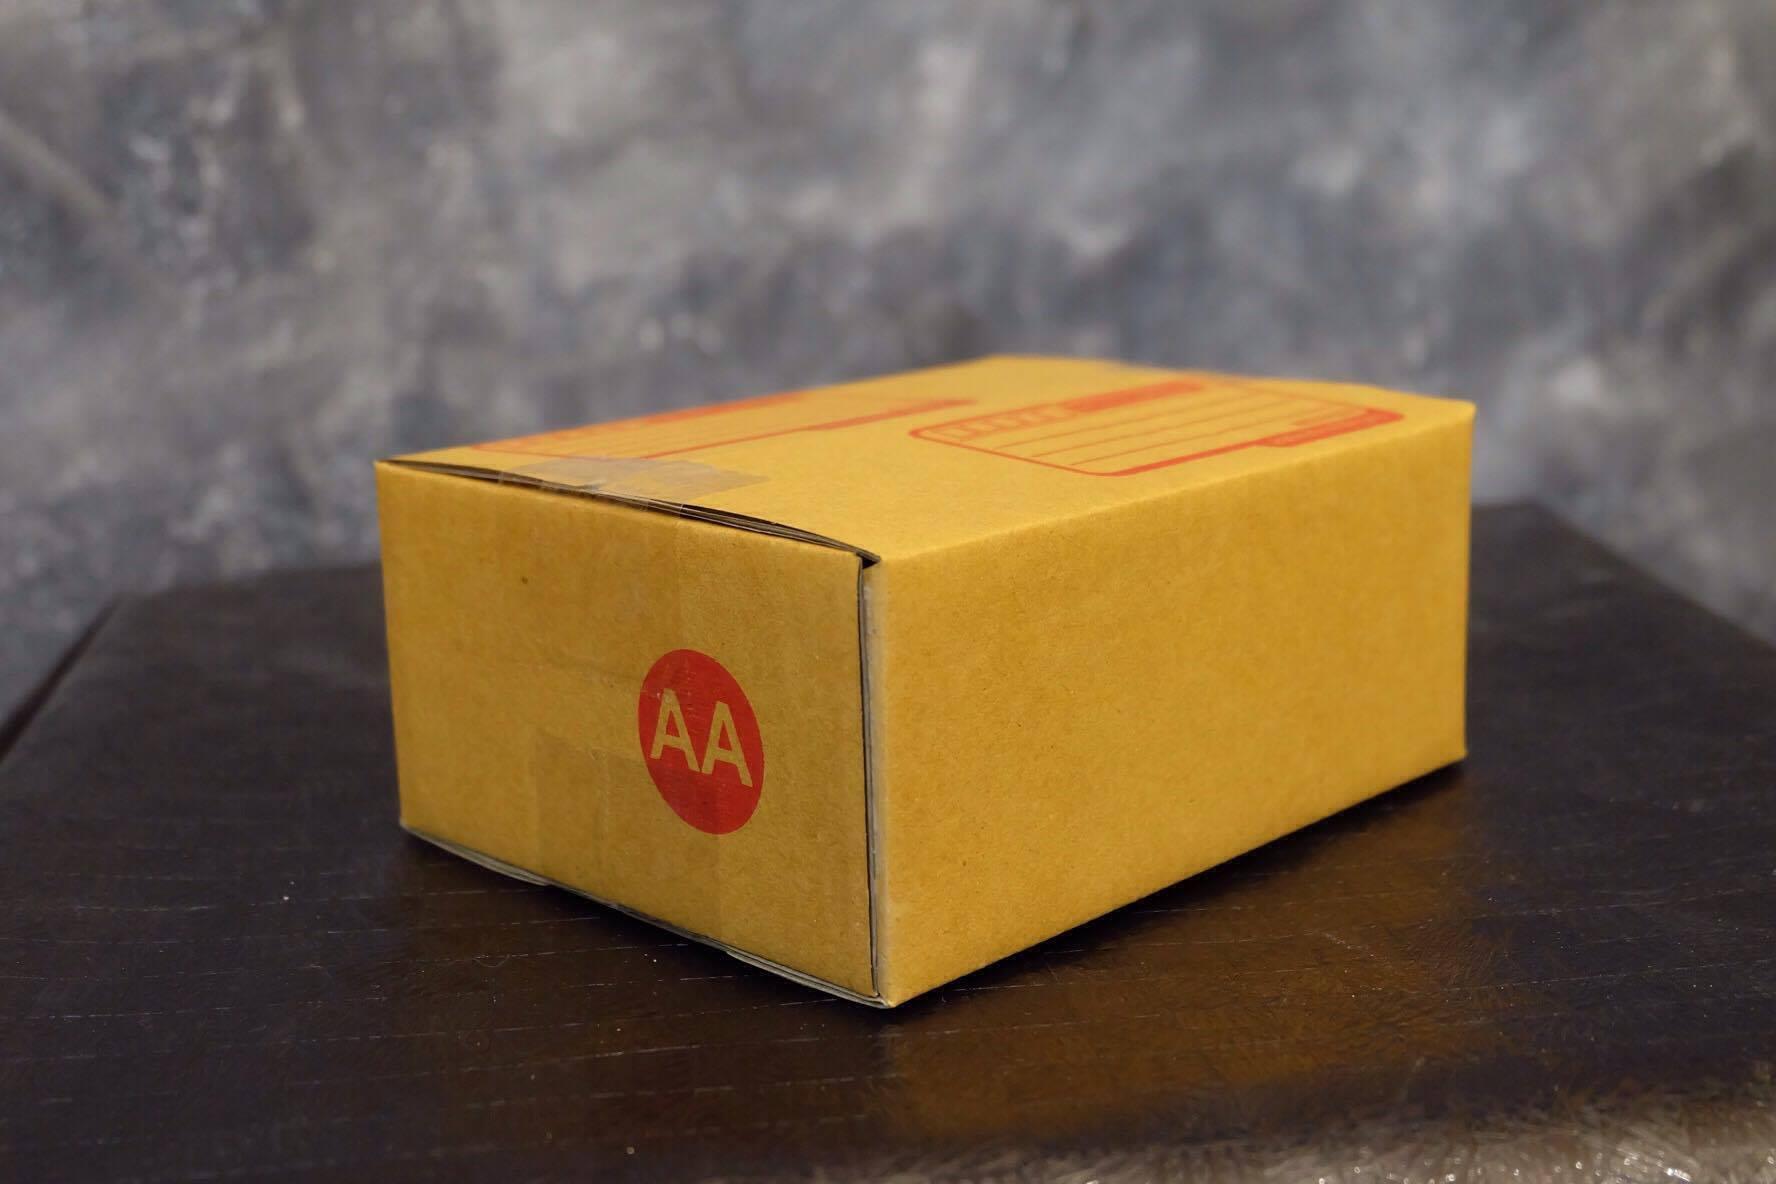 กล่องพัสดุ เบอร์ AA (13x17x7cm.)